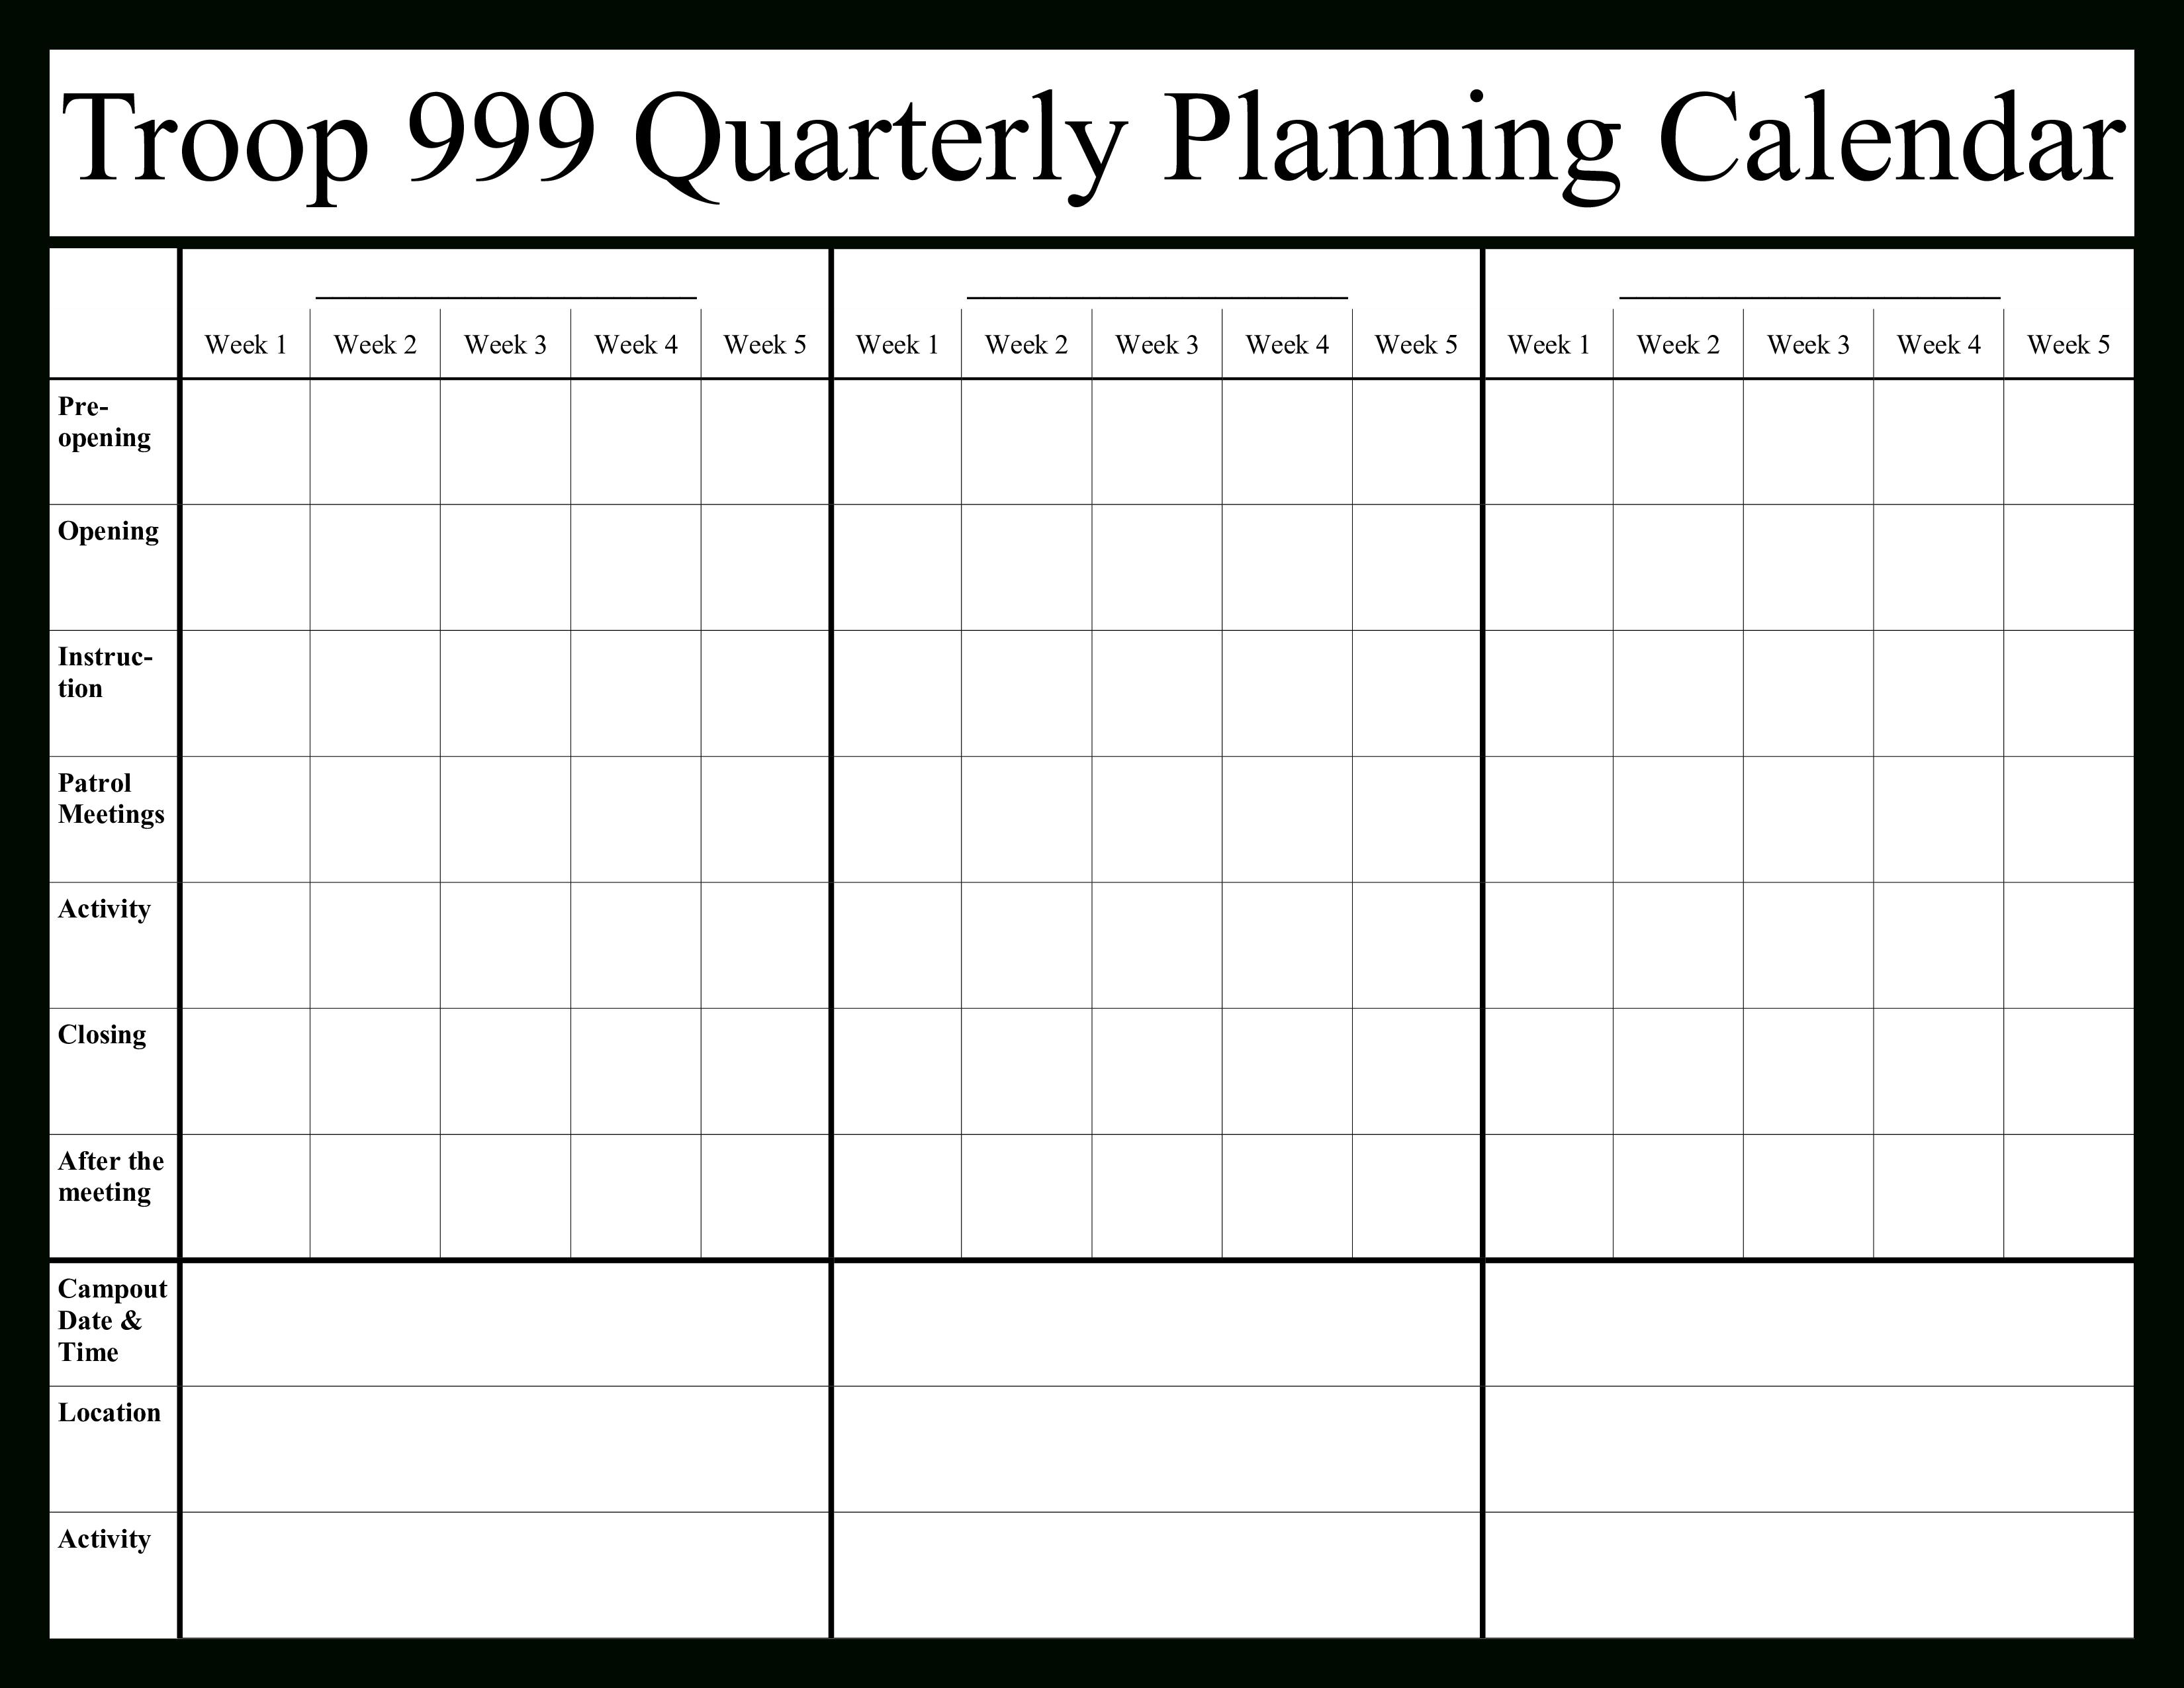 Quarterly Calendar 2020 | Templates At Allbusinesstemplates